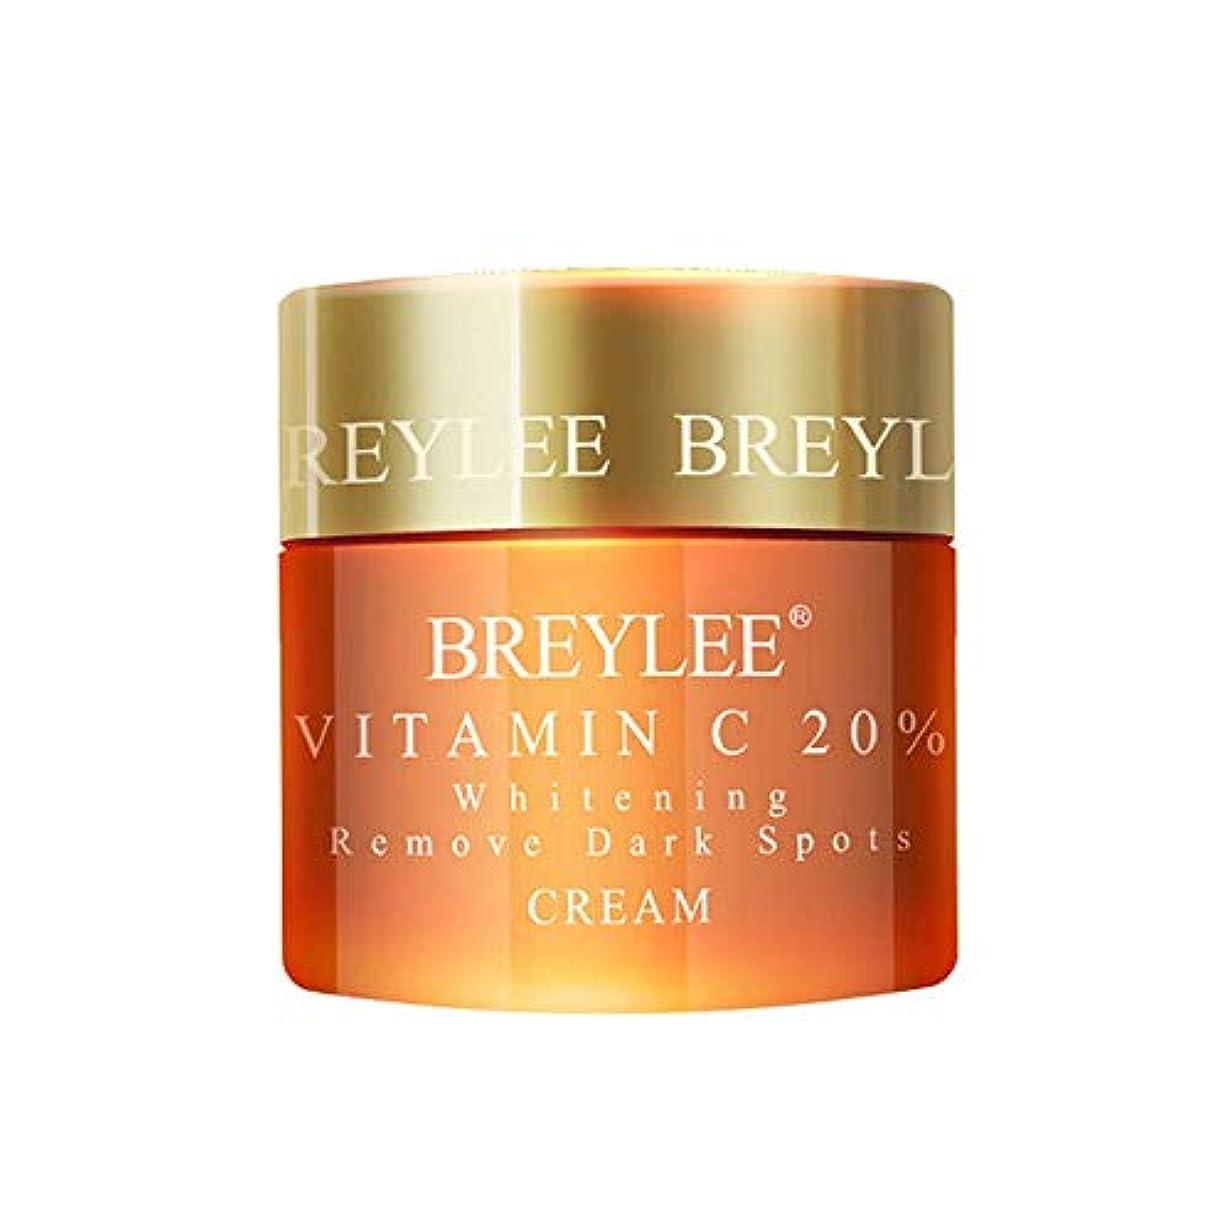 抵抗する考慮秘密のBREYLEE ヒアルロン酸 保湿クリーム 20%ビタミンC配合 美白 皮膚の引き締め (ビタミンC)